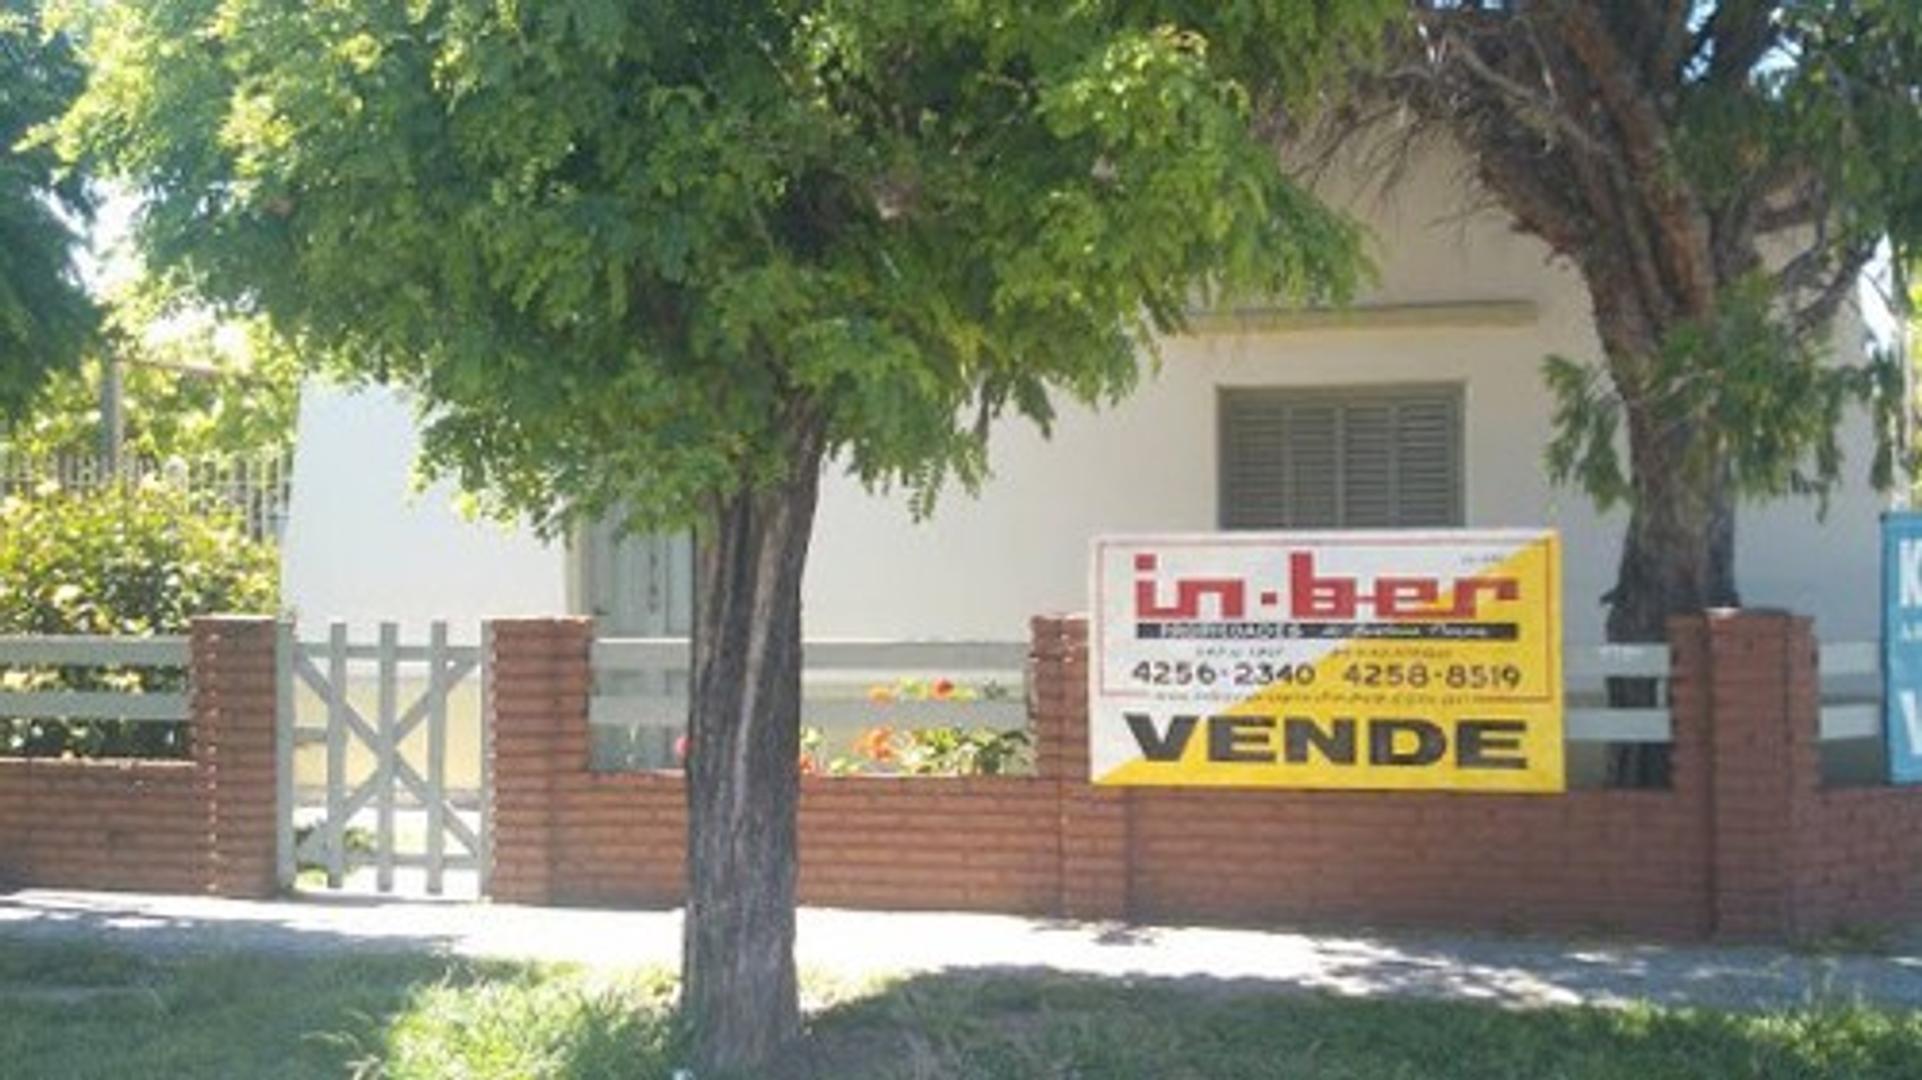 XINTEL(INB-INB-1393) Casa - Venta - Argentina, BERAZATEGUI